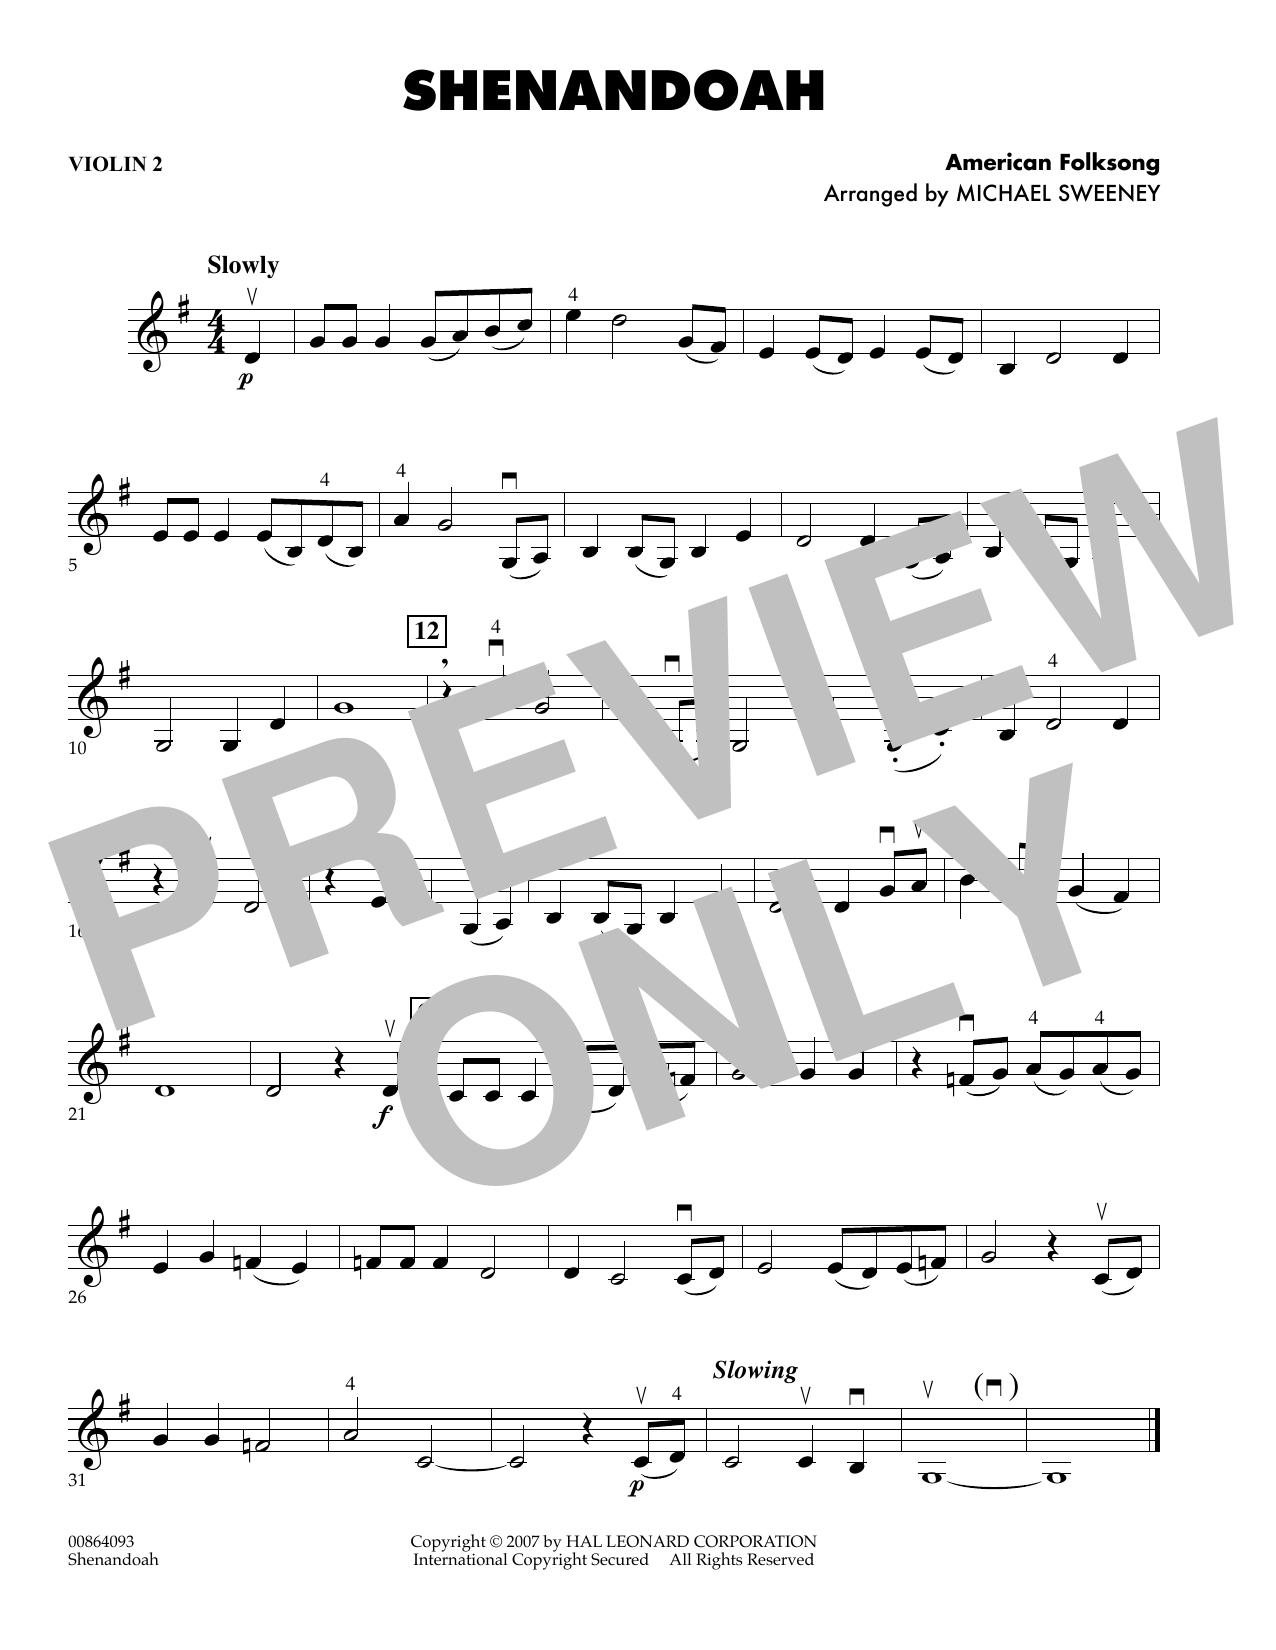 Shenandoah - Violin 2 (Orchestra)